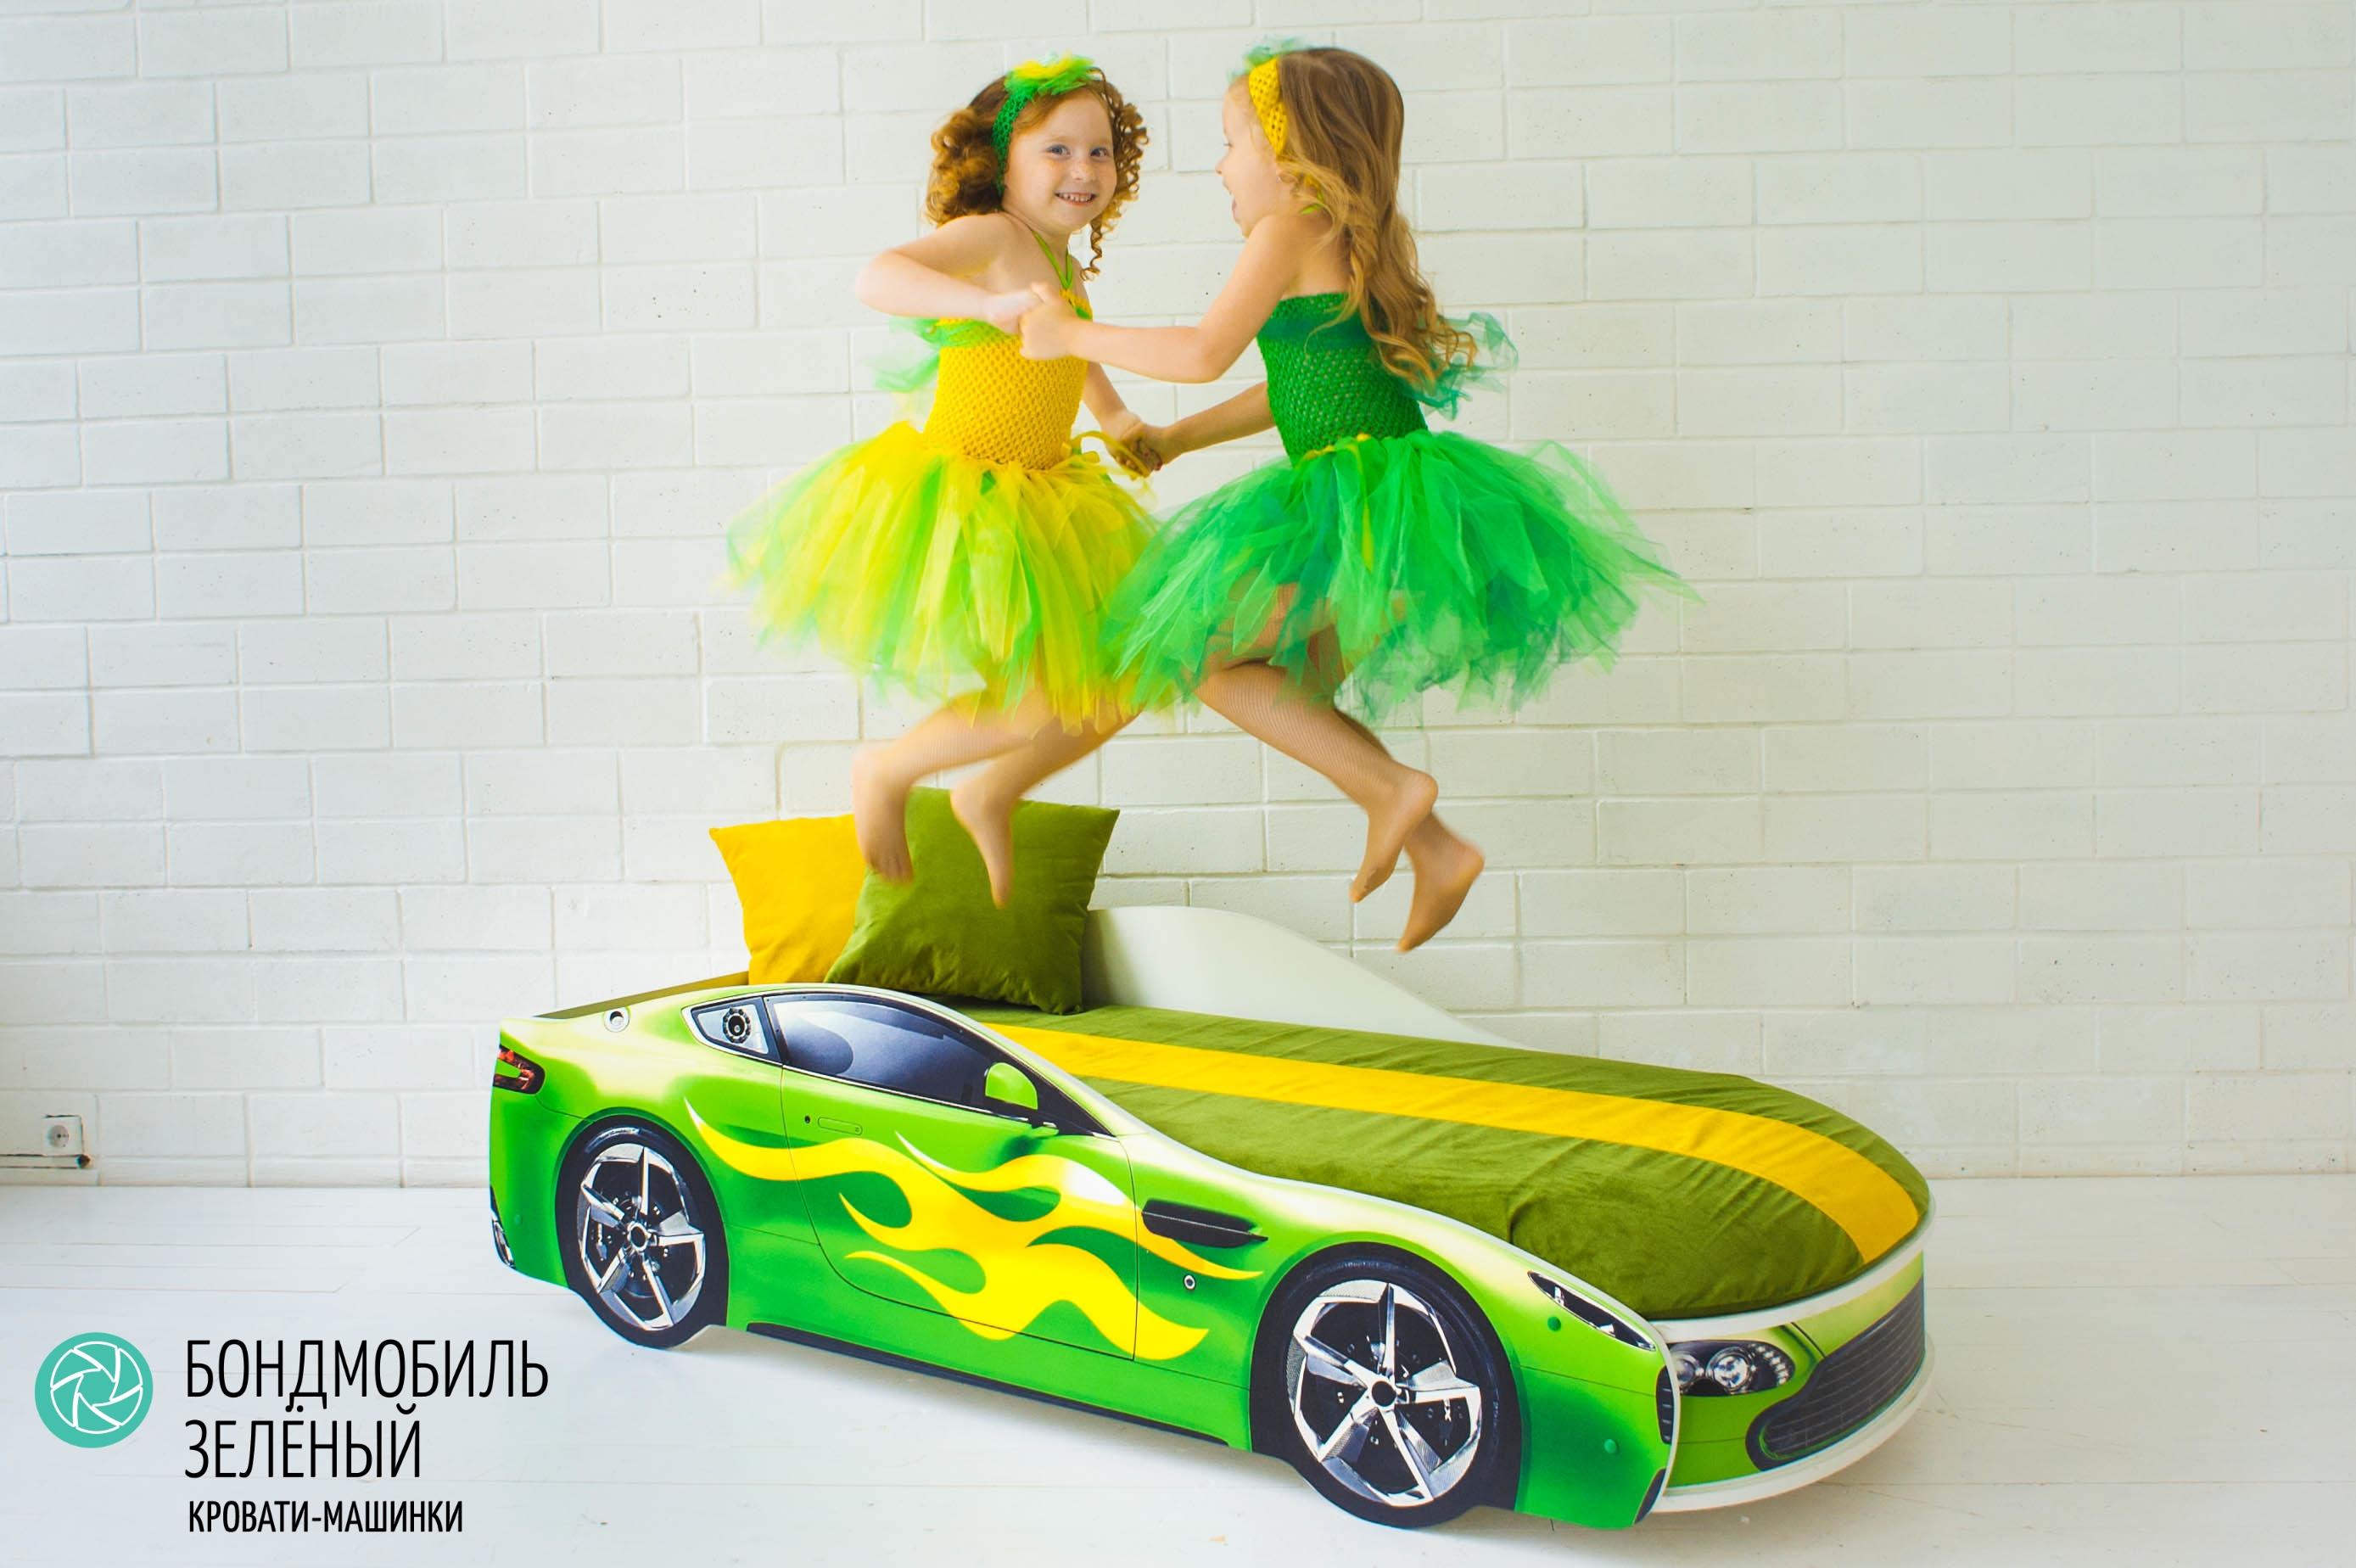 Детская кровать-машина зеленый -Бондмобиль-6